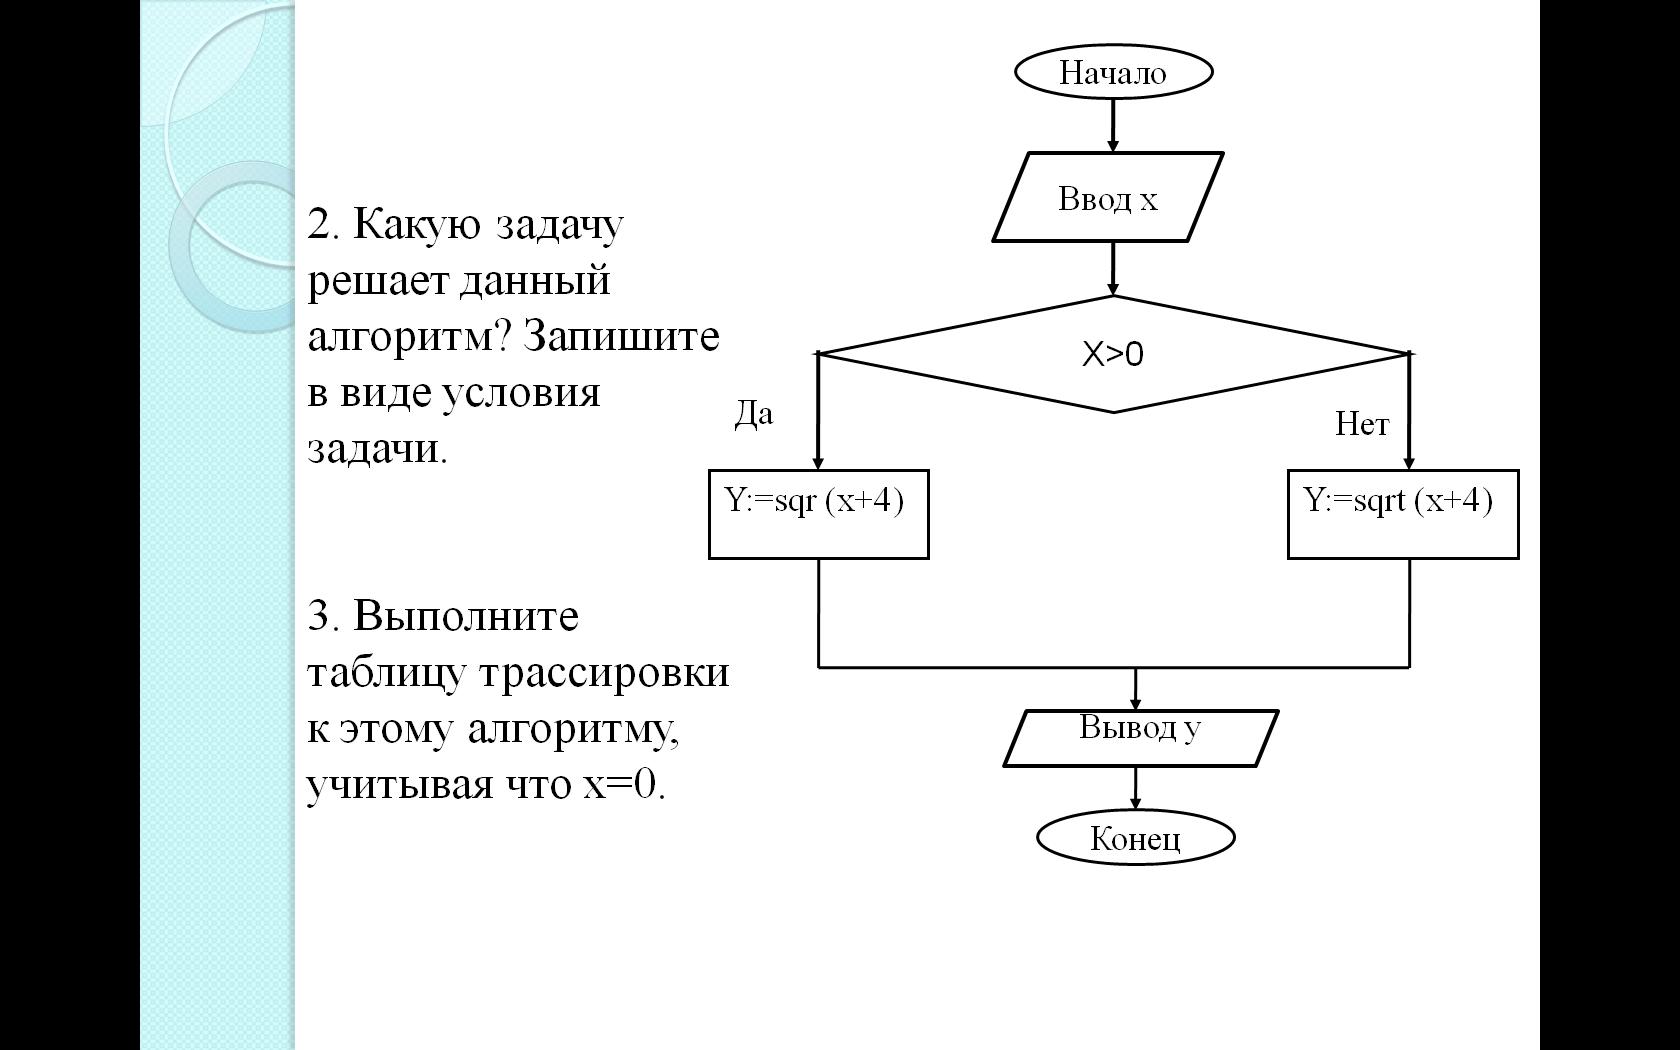 Виды алгоритмов. существует 4 вида алгоритмов: линейный, циклический, разветвляющийся, вспомогательный. - презентация